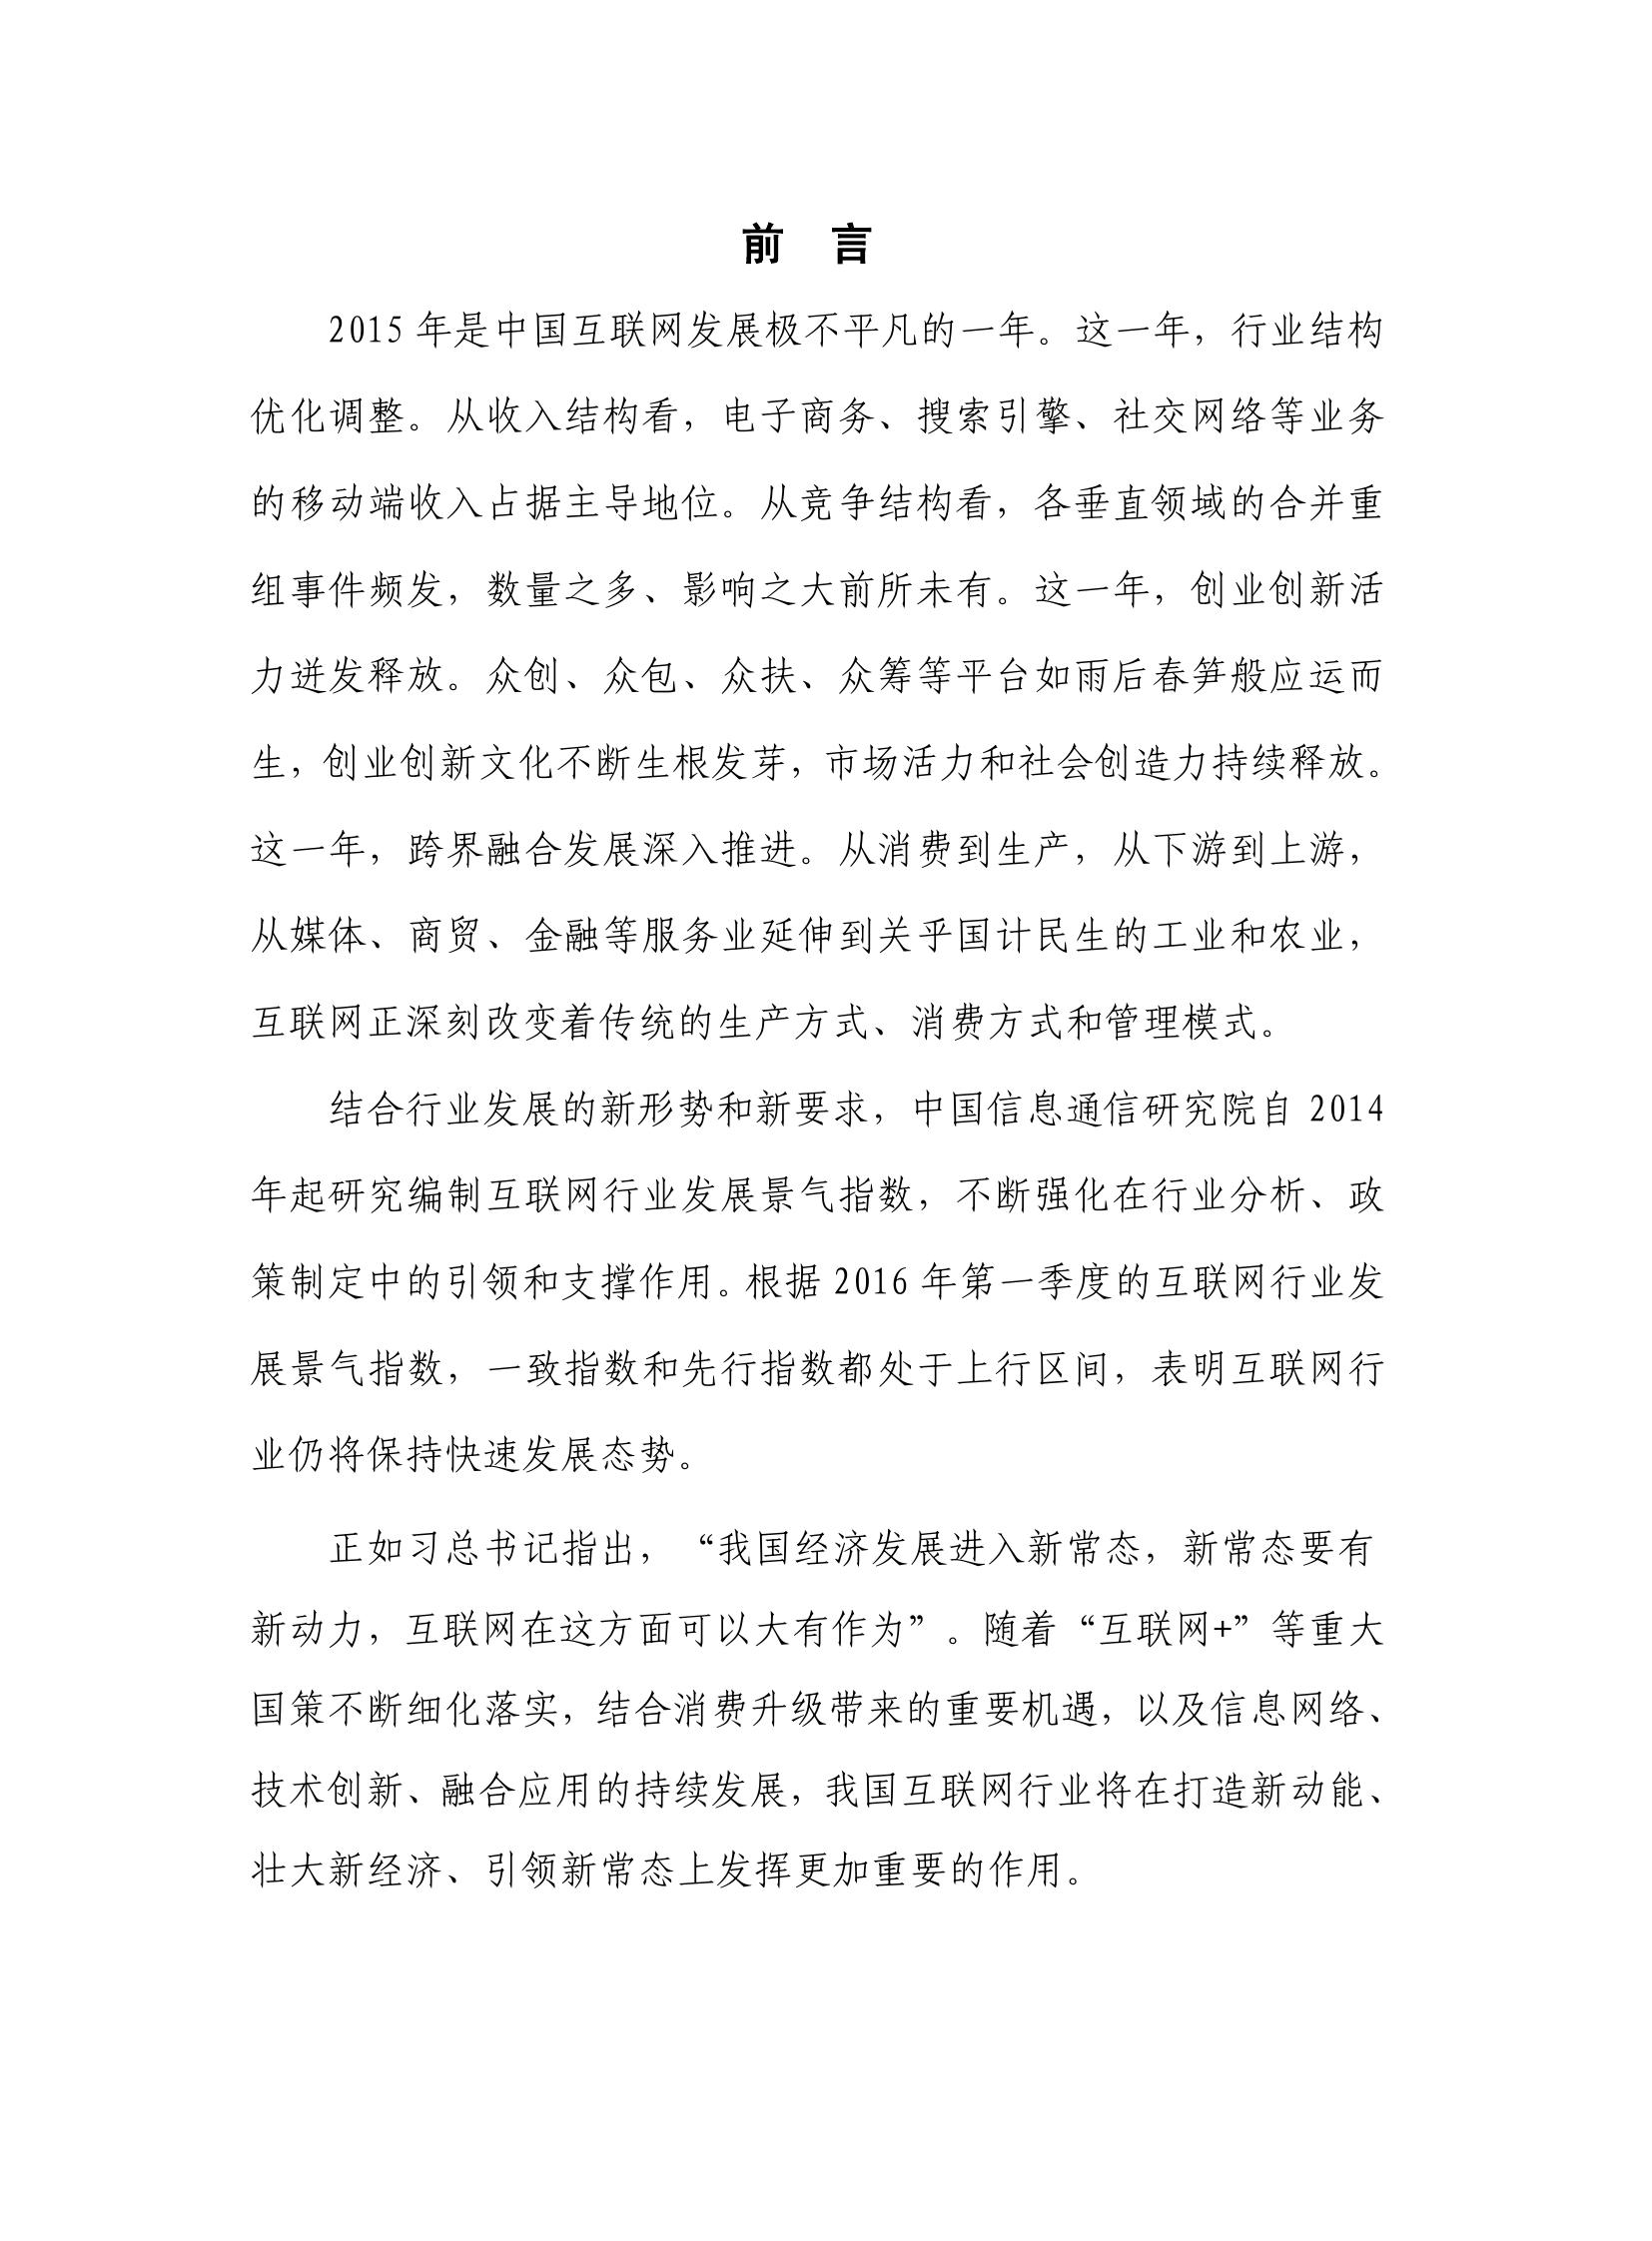 2016年中国互联网行业发展态势暨景气指数报告_000003